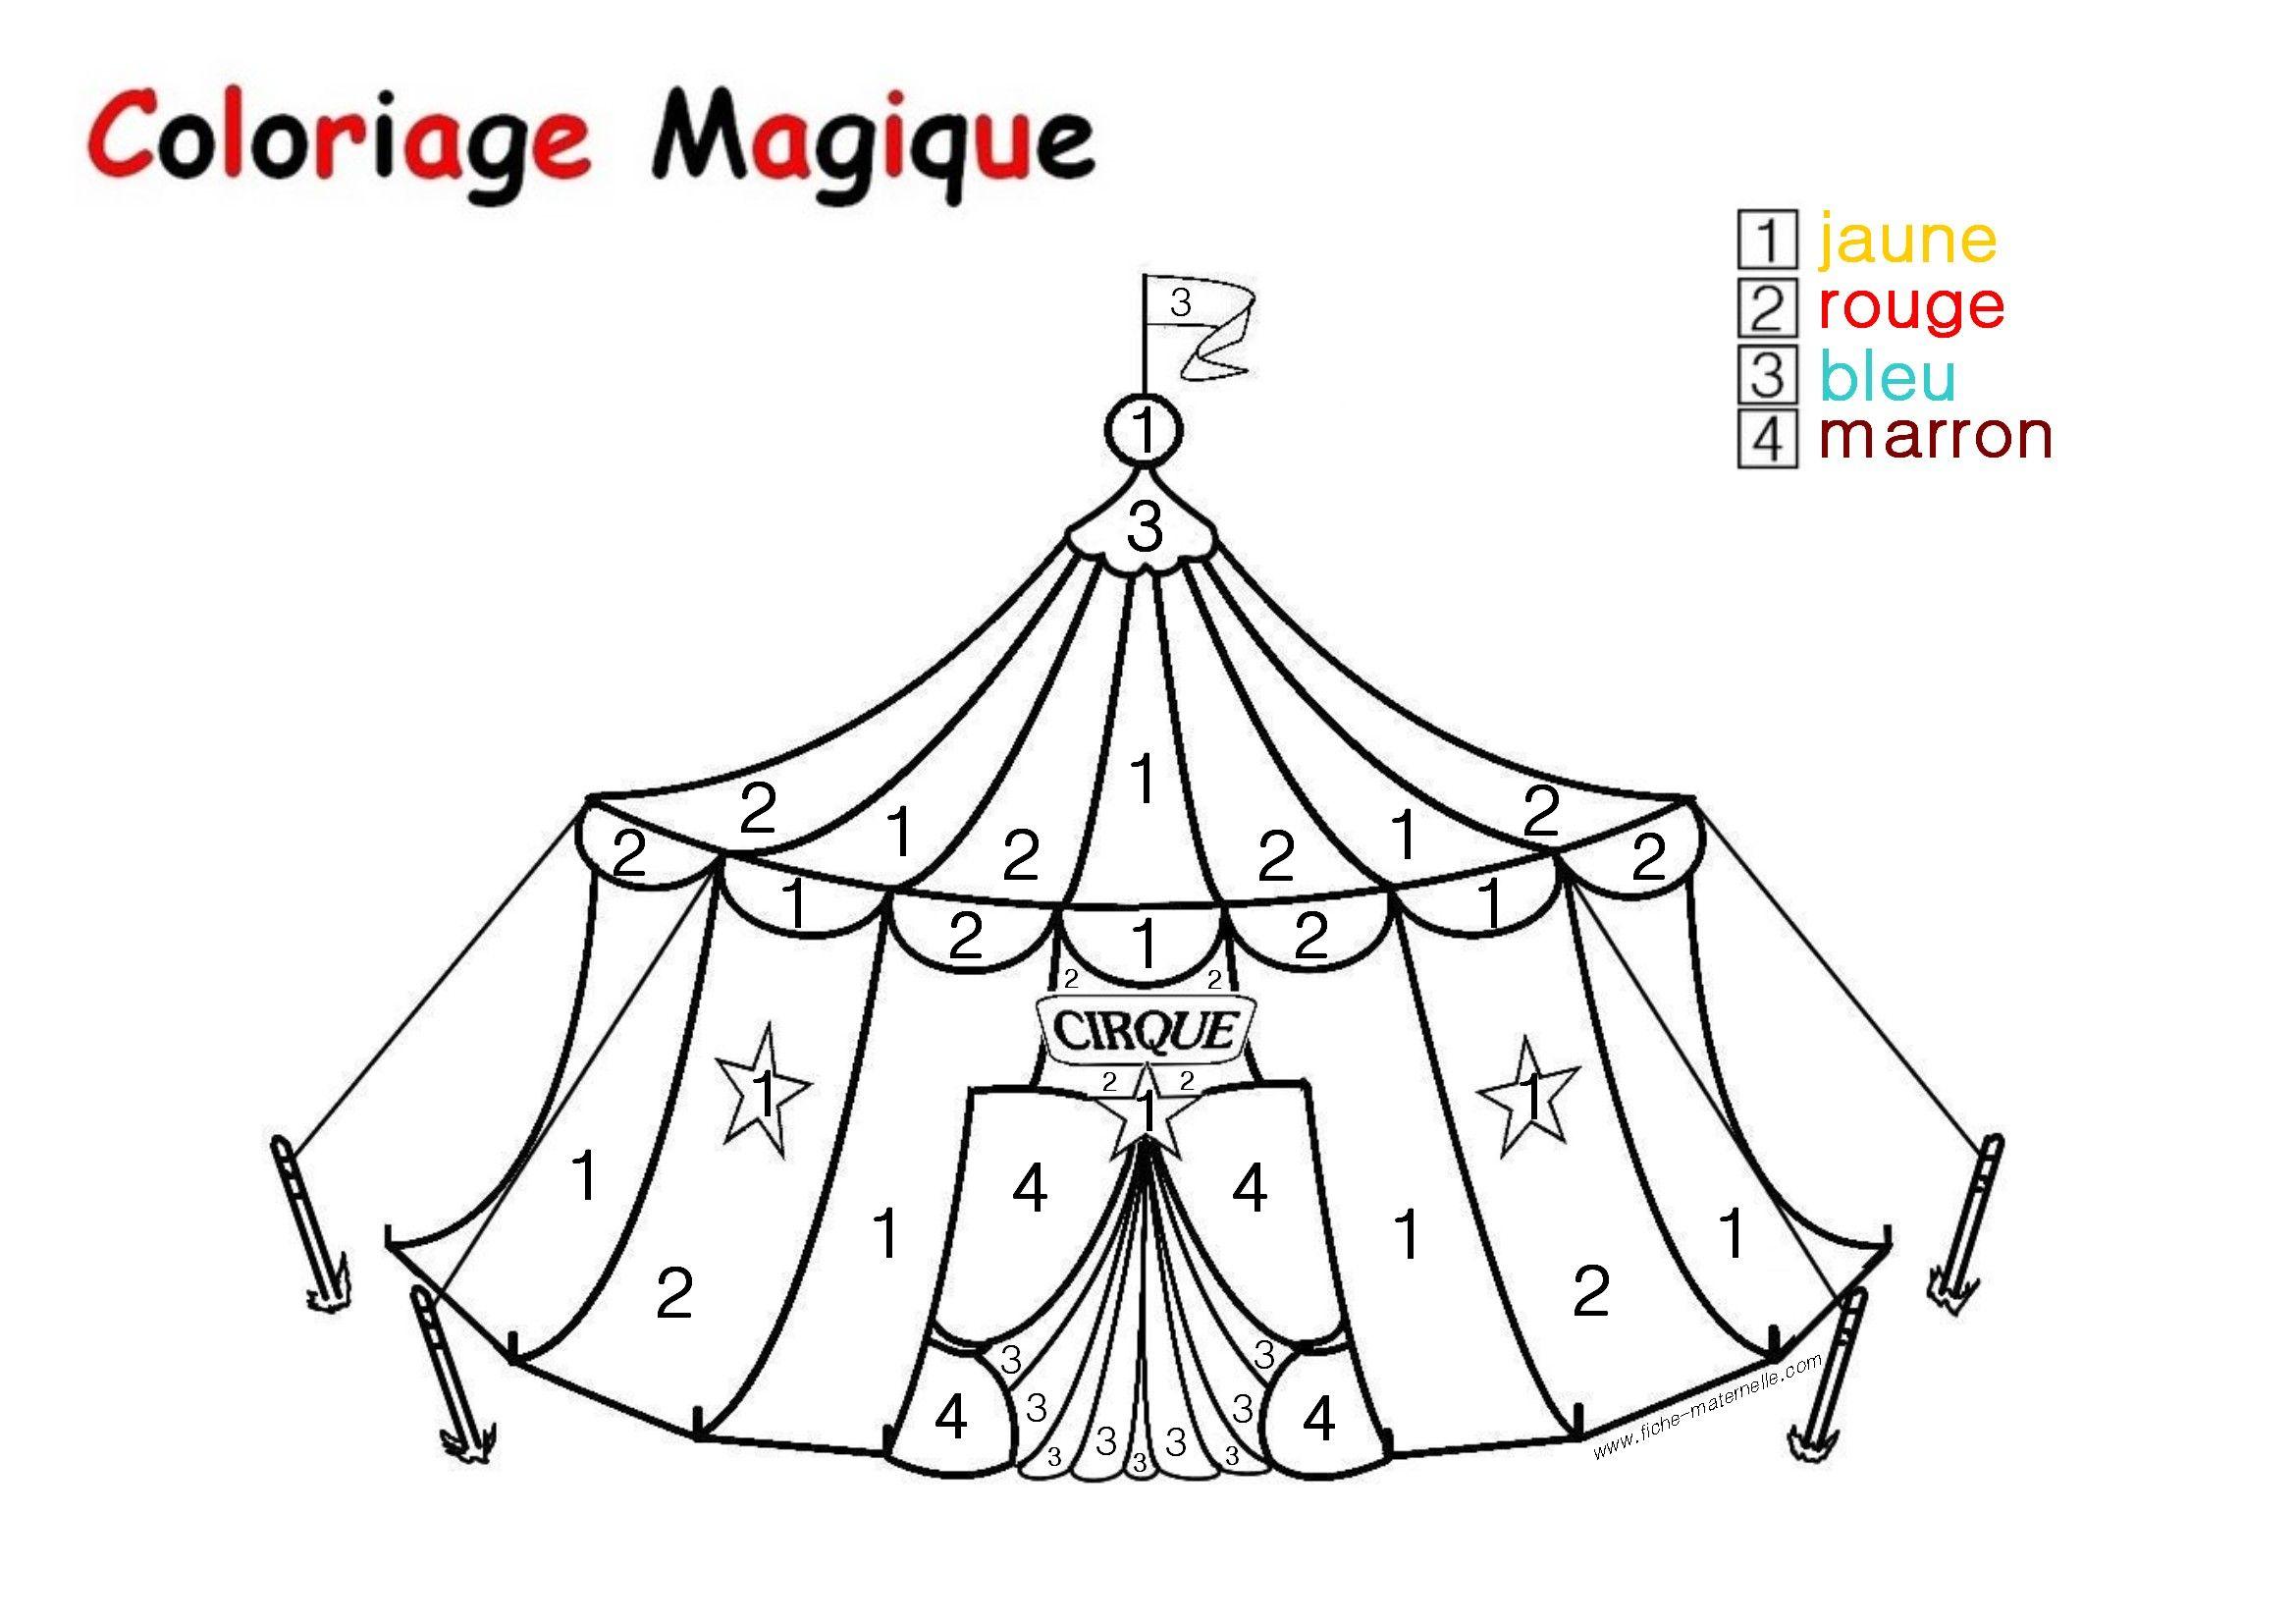 Coloriage Magique Pour Les Plus Petits : Un Chapiteau pour Coloriage Magique 4 Ans